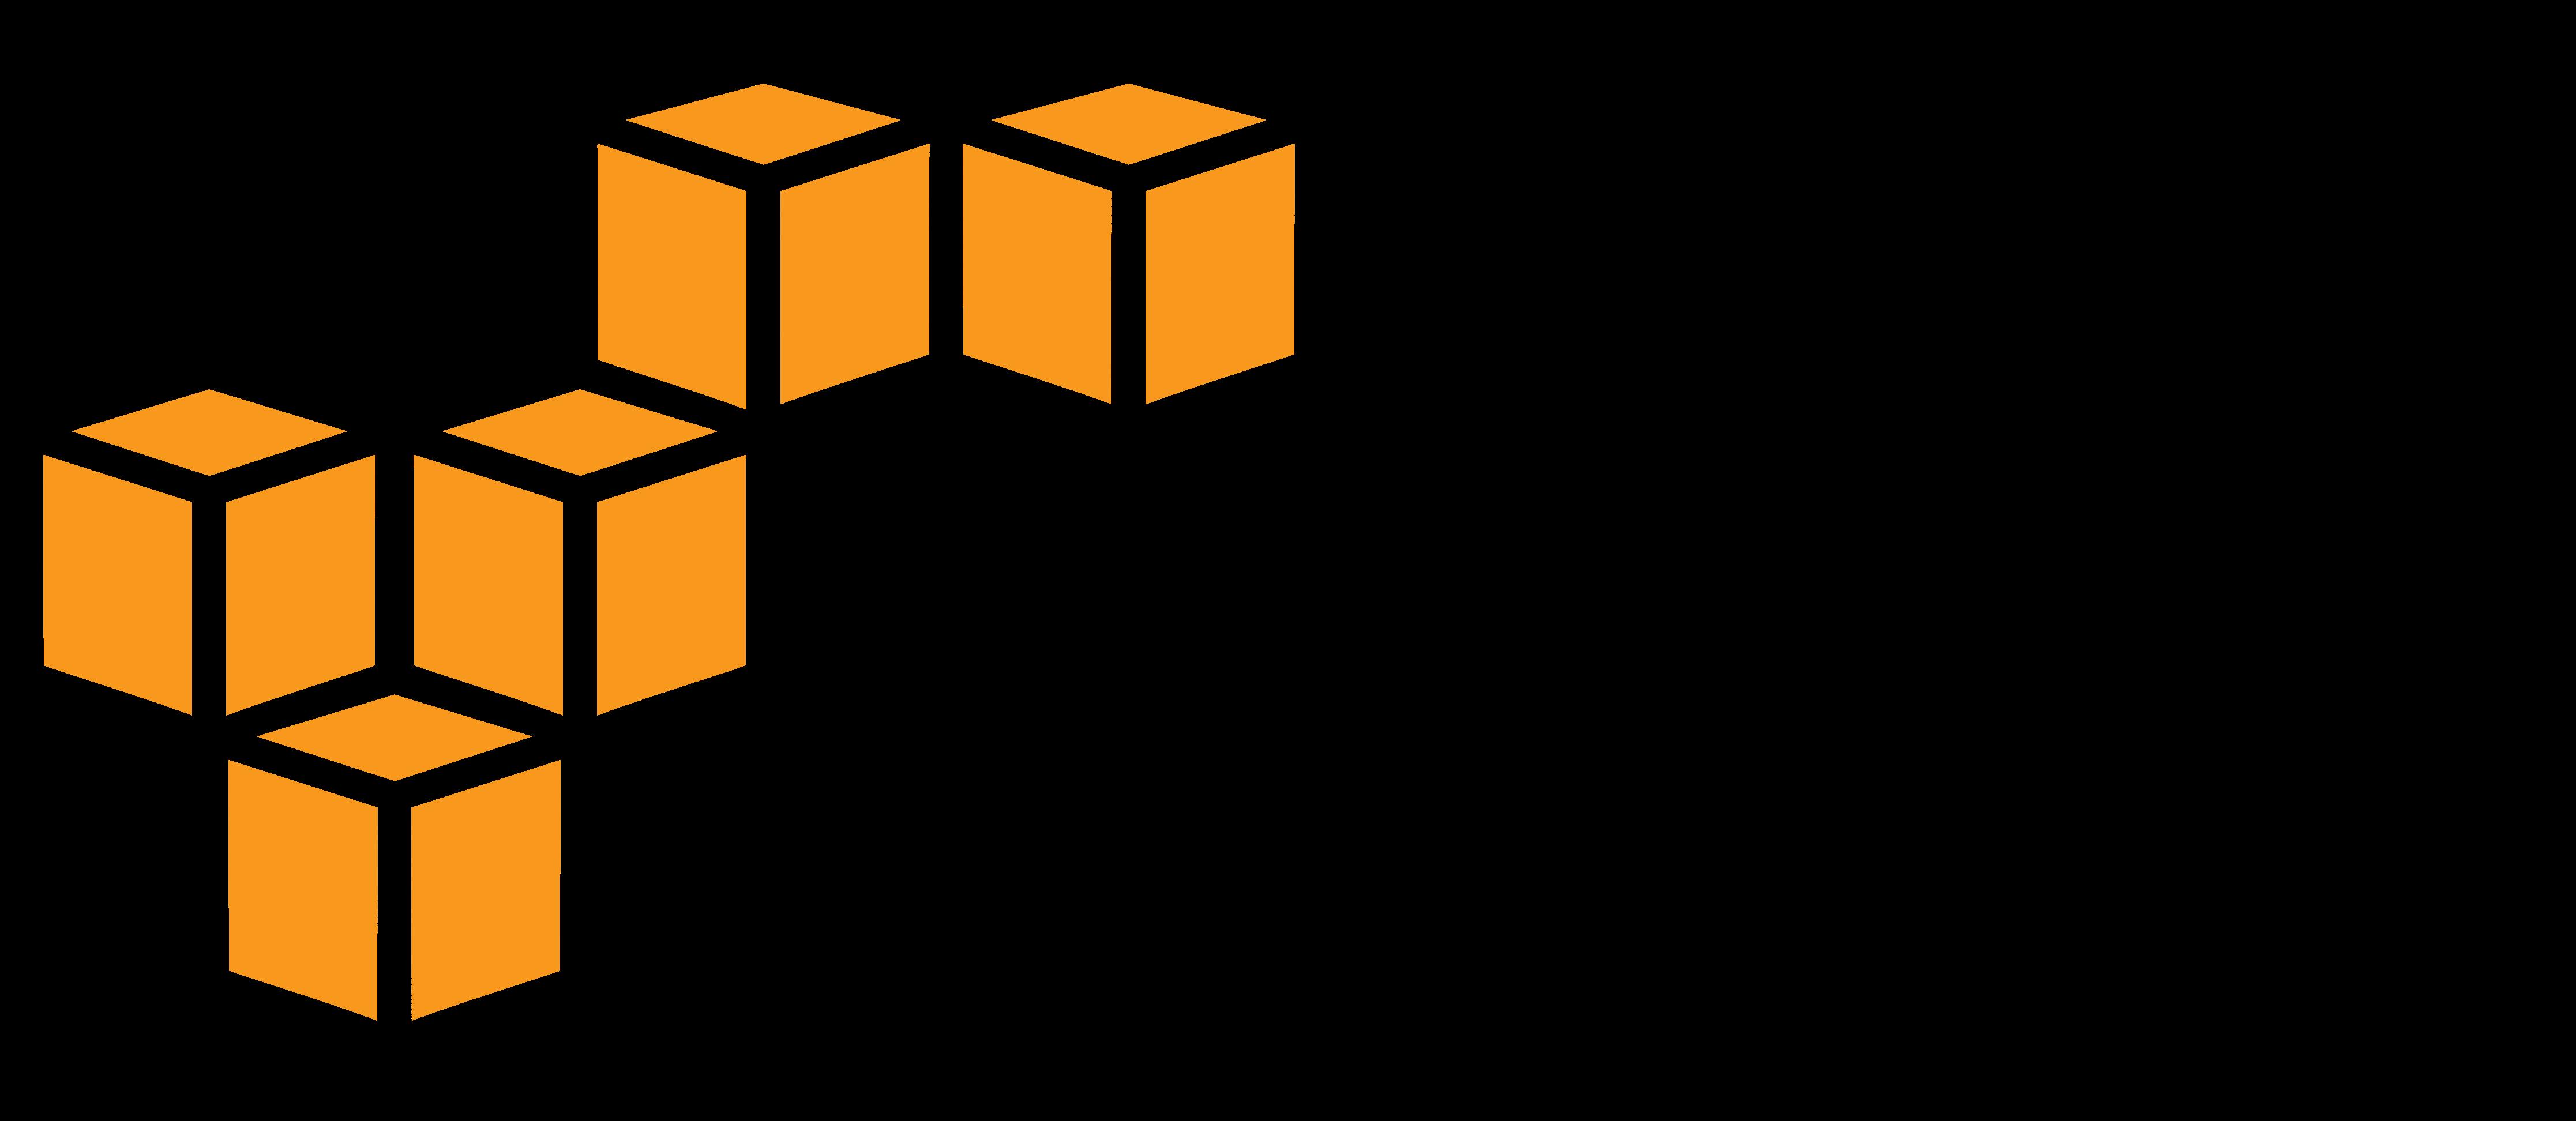 Amazon Web Services (AWS) – Logos Download - Amazon Logo EPS